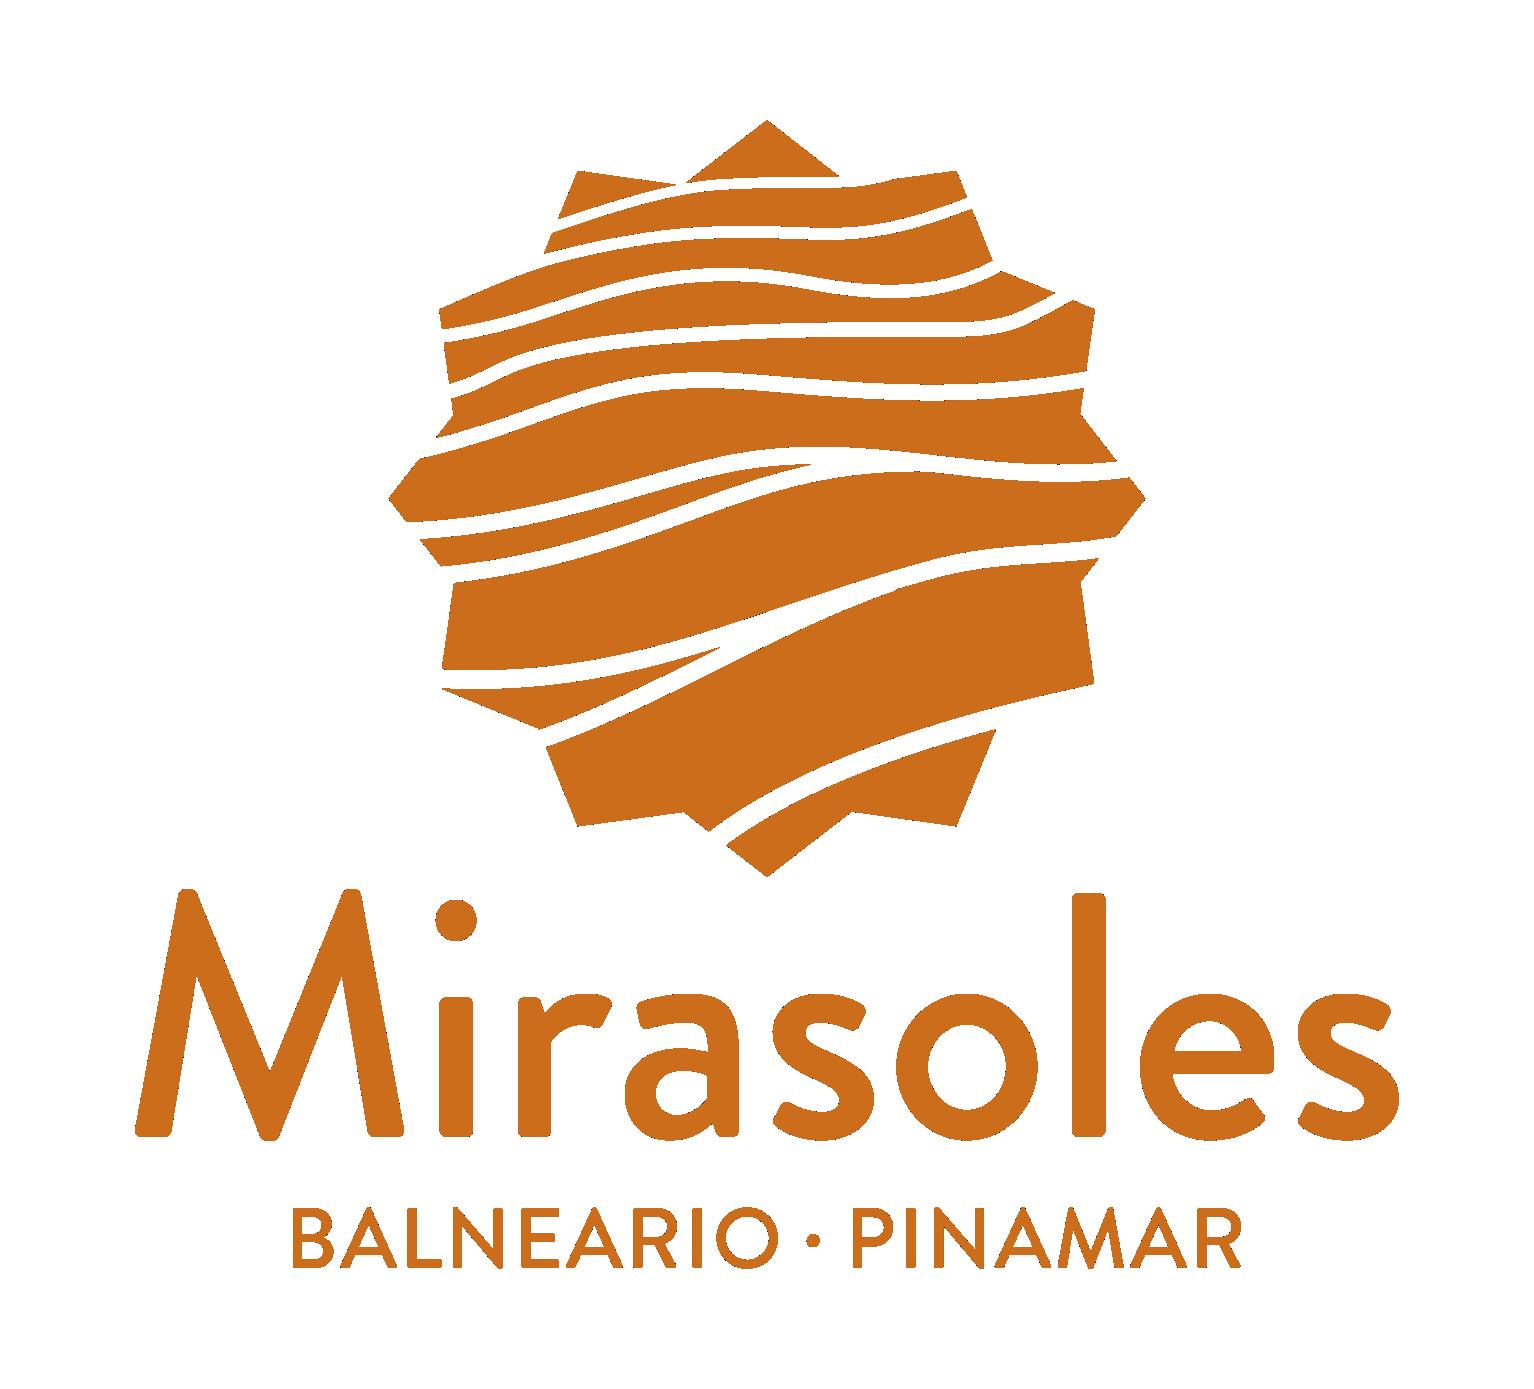 Balneario Mirasoles – Pinamar